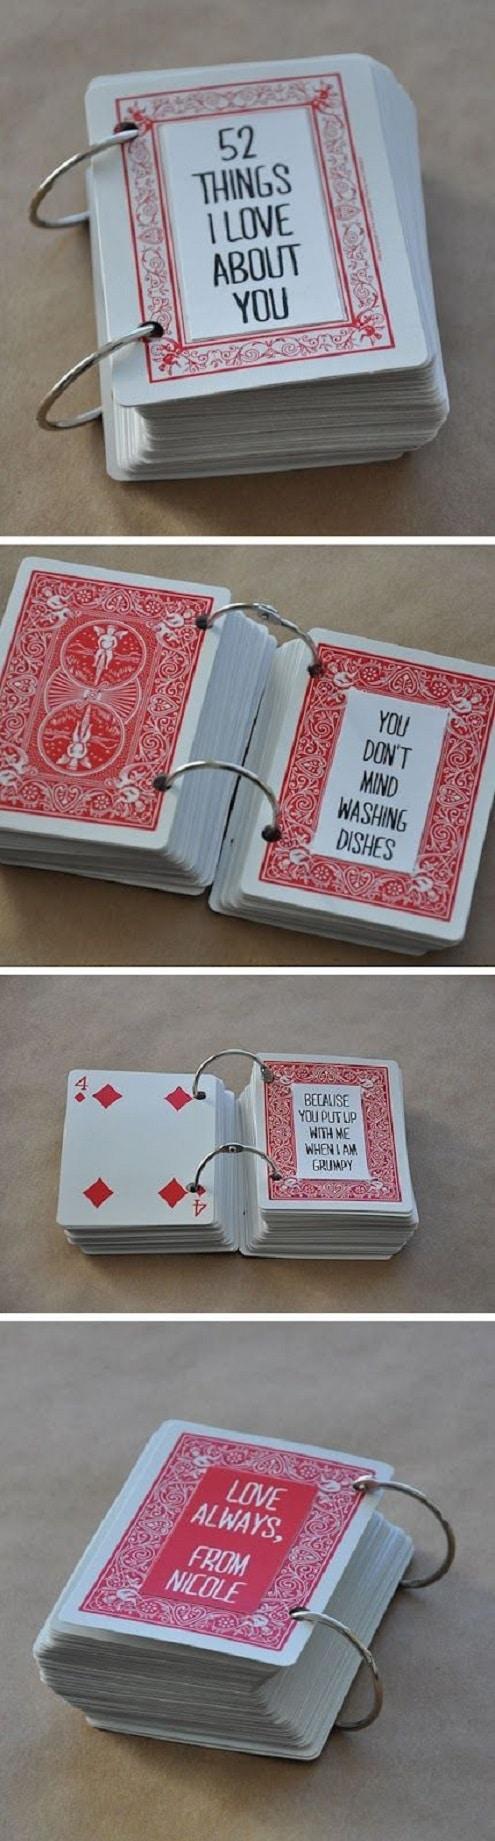 resourceful diy birthday card ideas